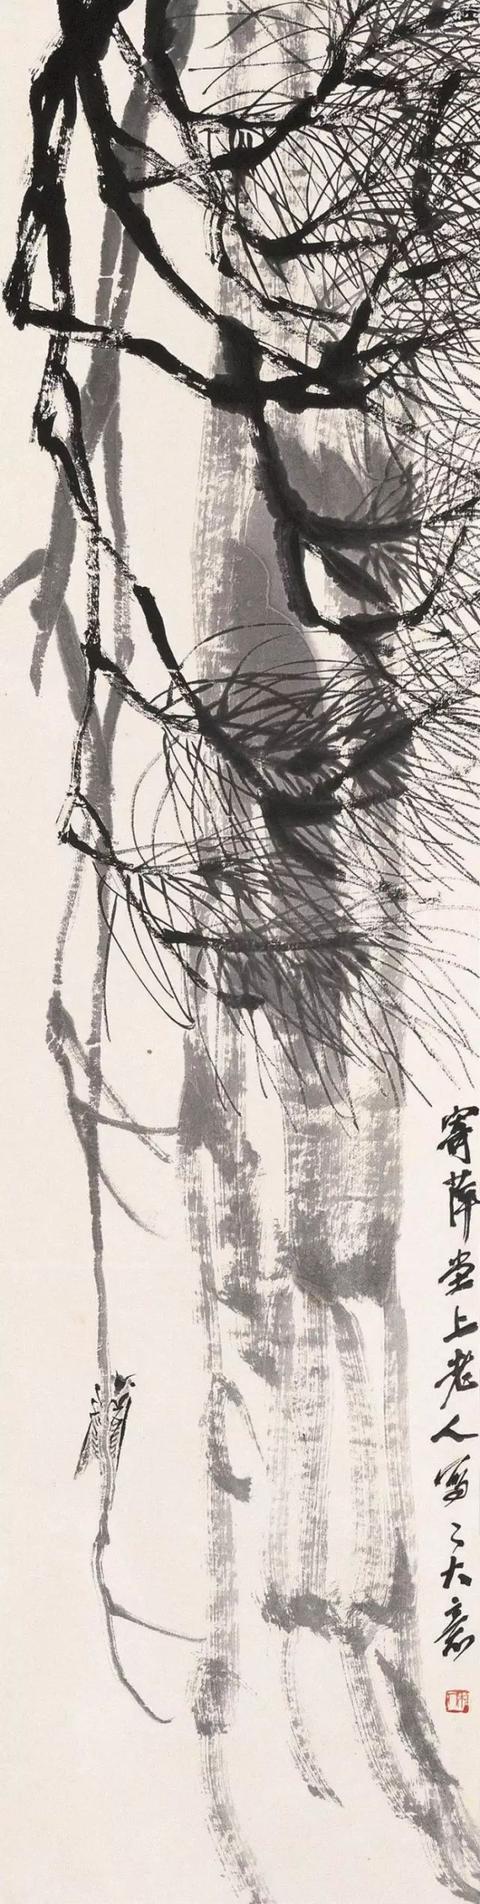 看齐白石笔下的蝉叫的正欢,听蝉鸣提醒我们现在依旧是三伏天